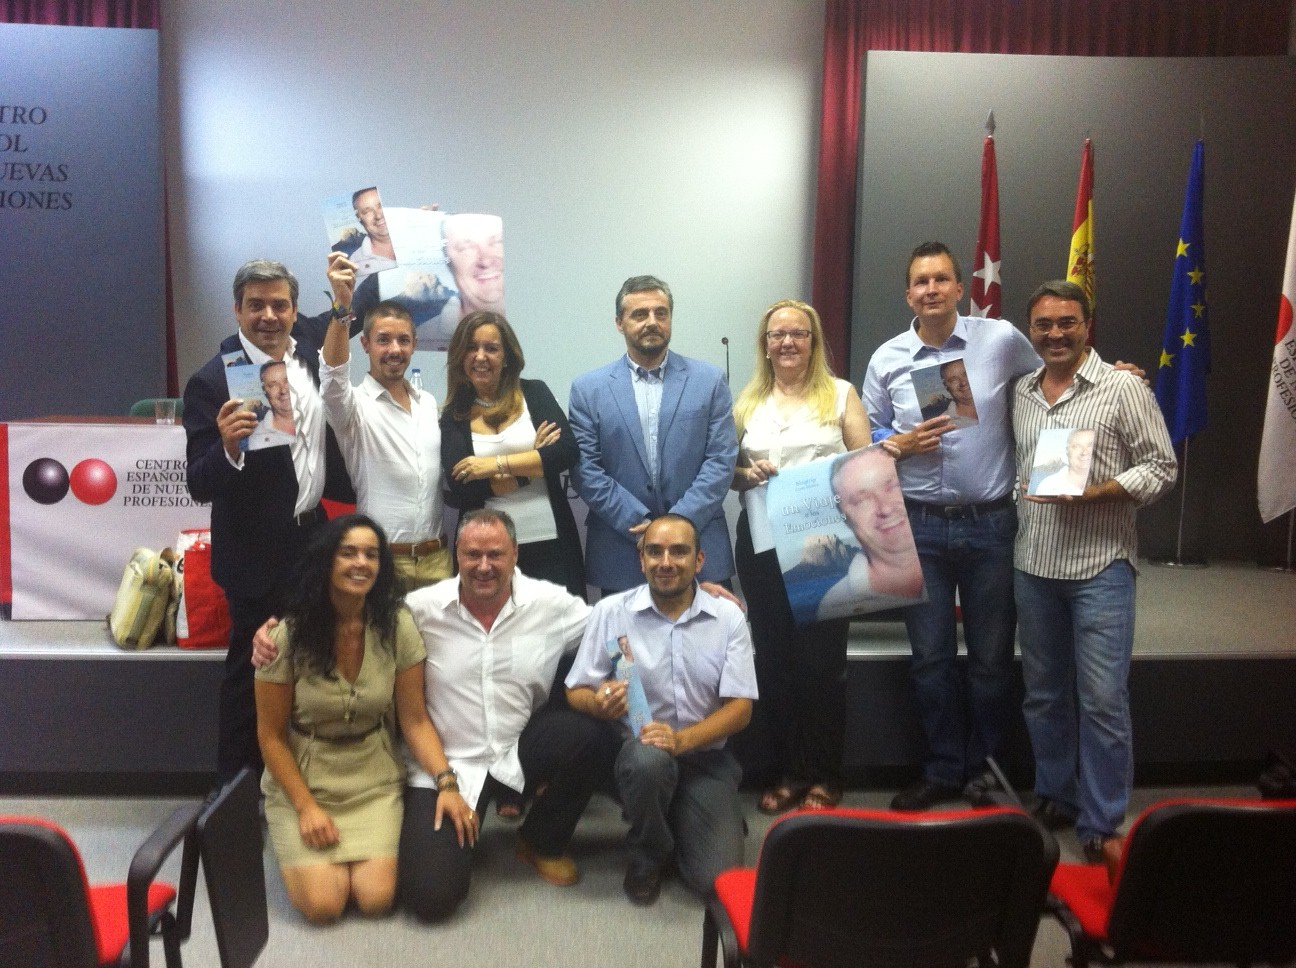 Amigos en un viaje a las emociones en el CENP de Madrid #libroblogtrip